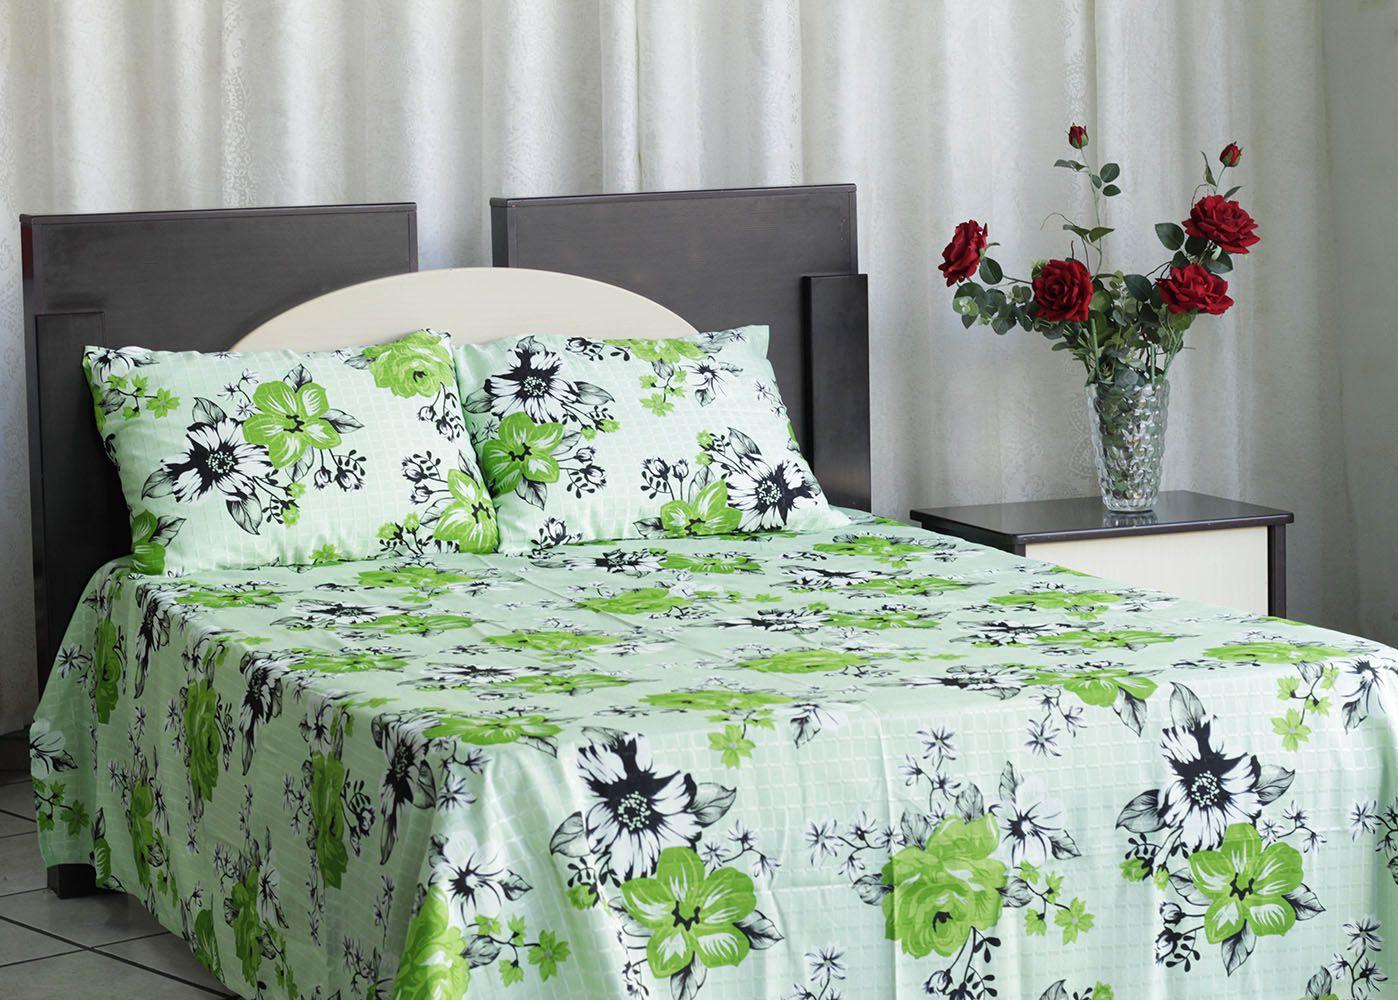 Colcha de casal texturatto estampada Florida Verde - OMA Enxovais